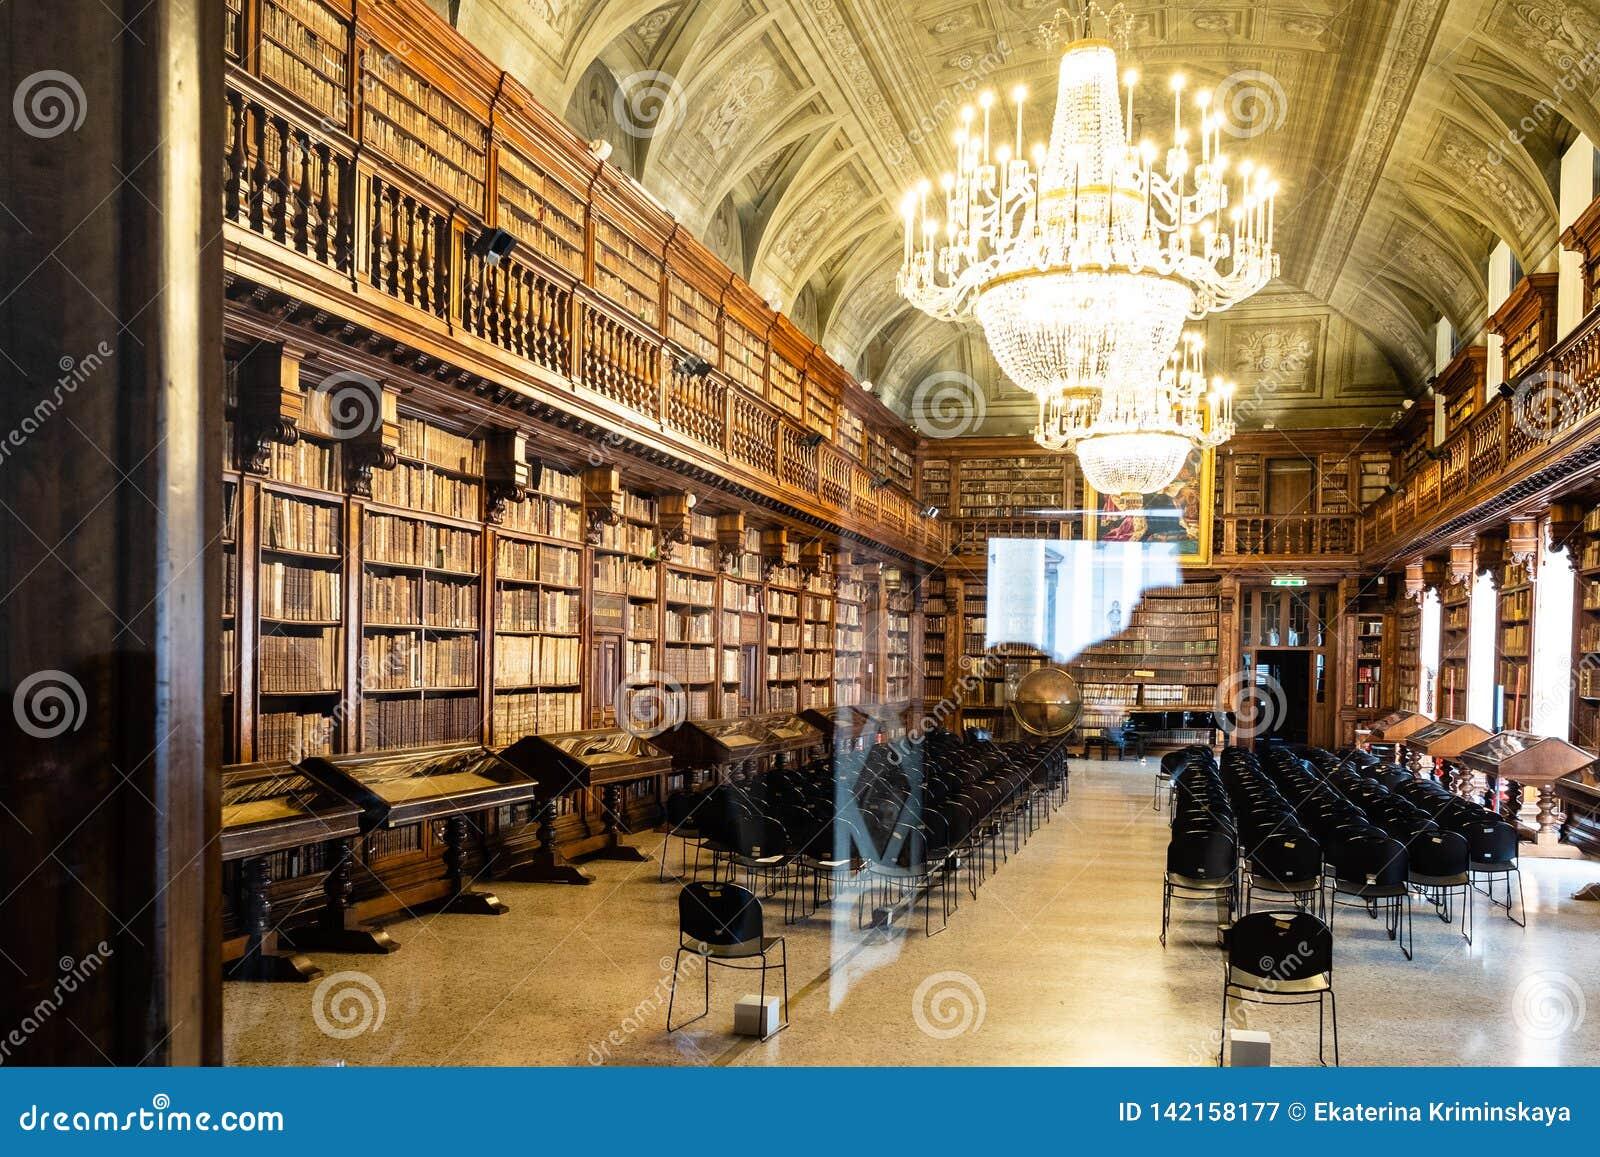 Biblioteca Nazionale Braidense在Brera宫殿